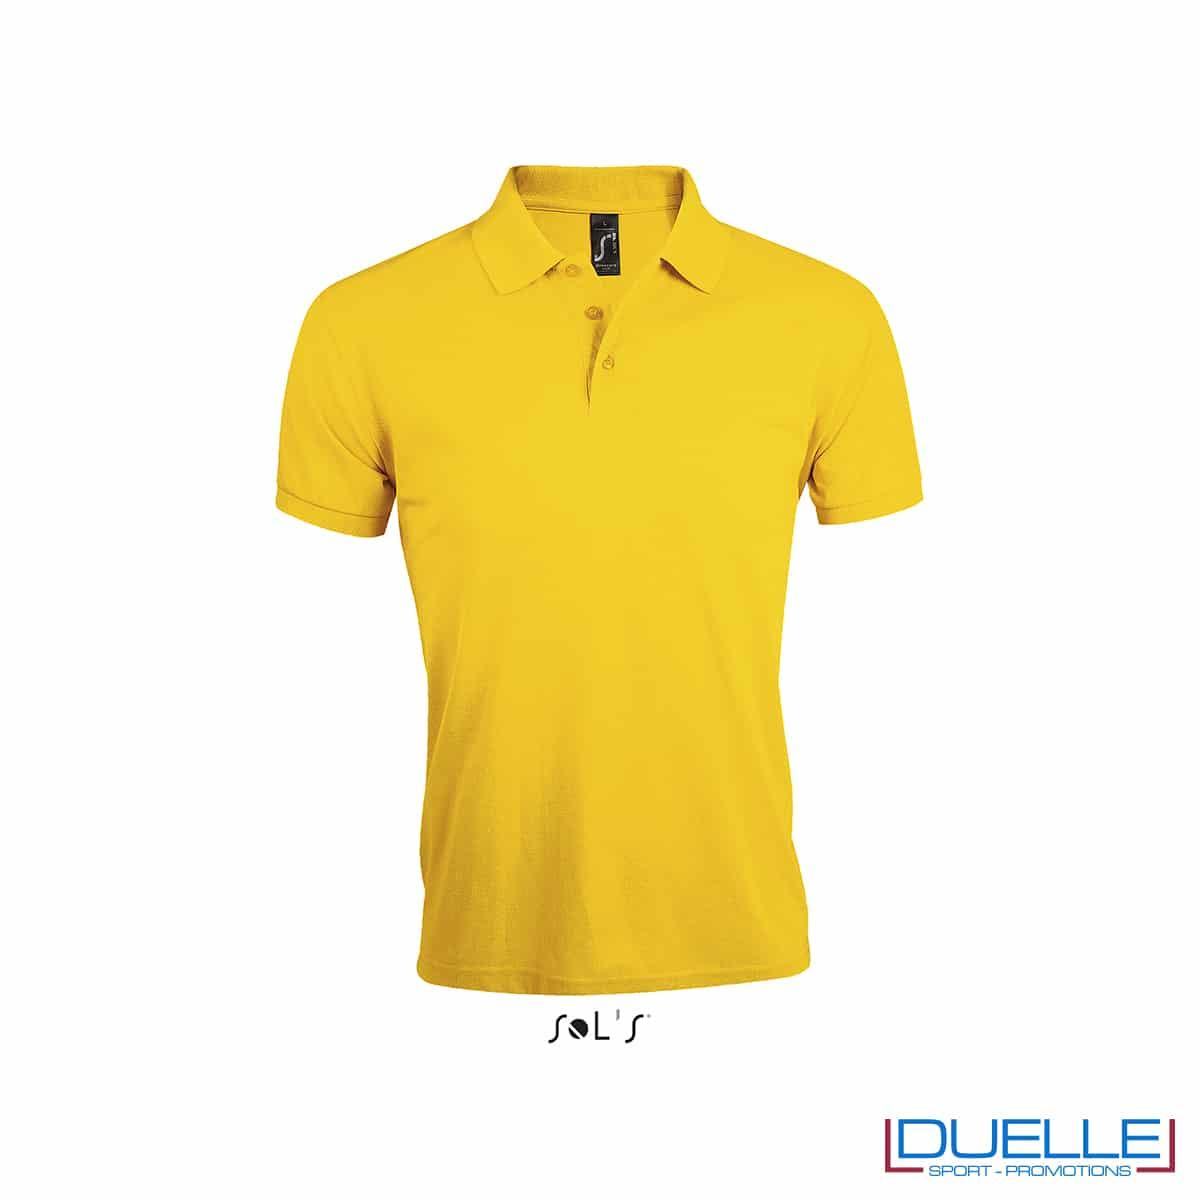 polo maniche corte poliestere gialla con logo